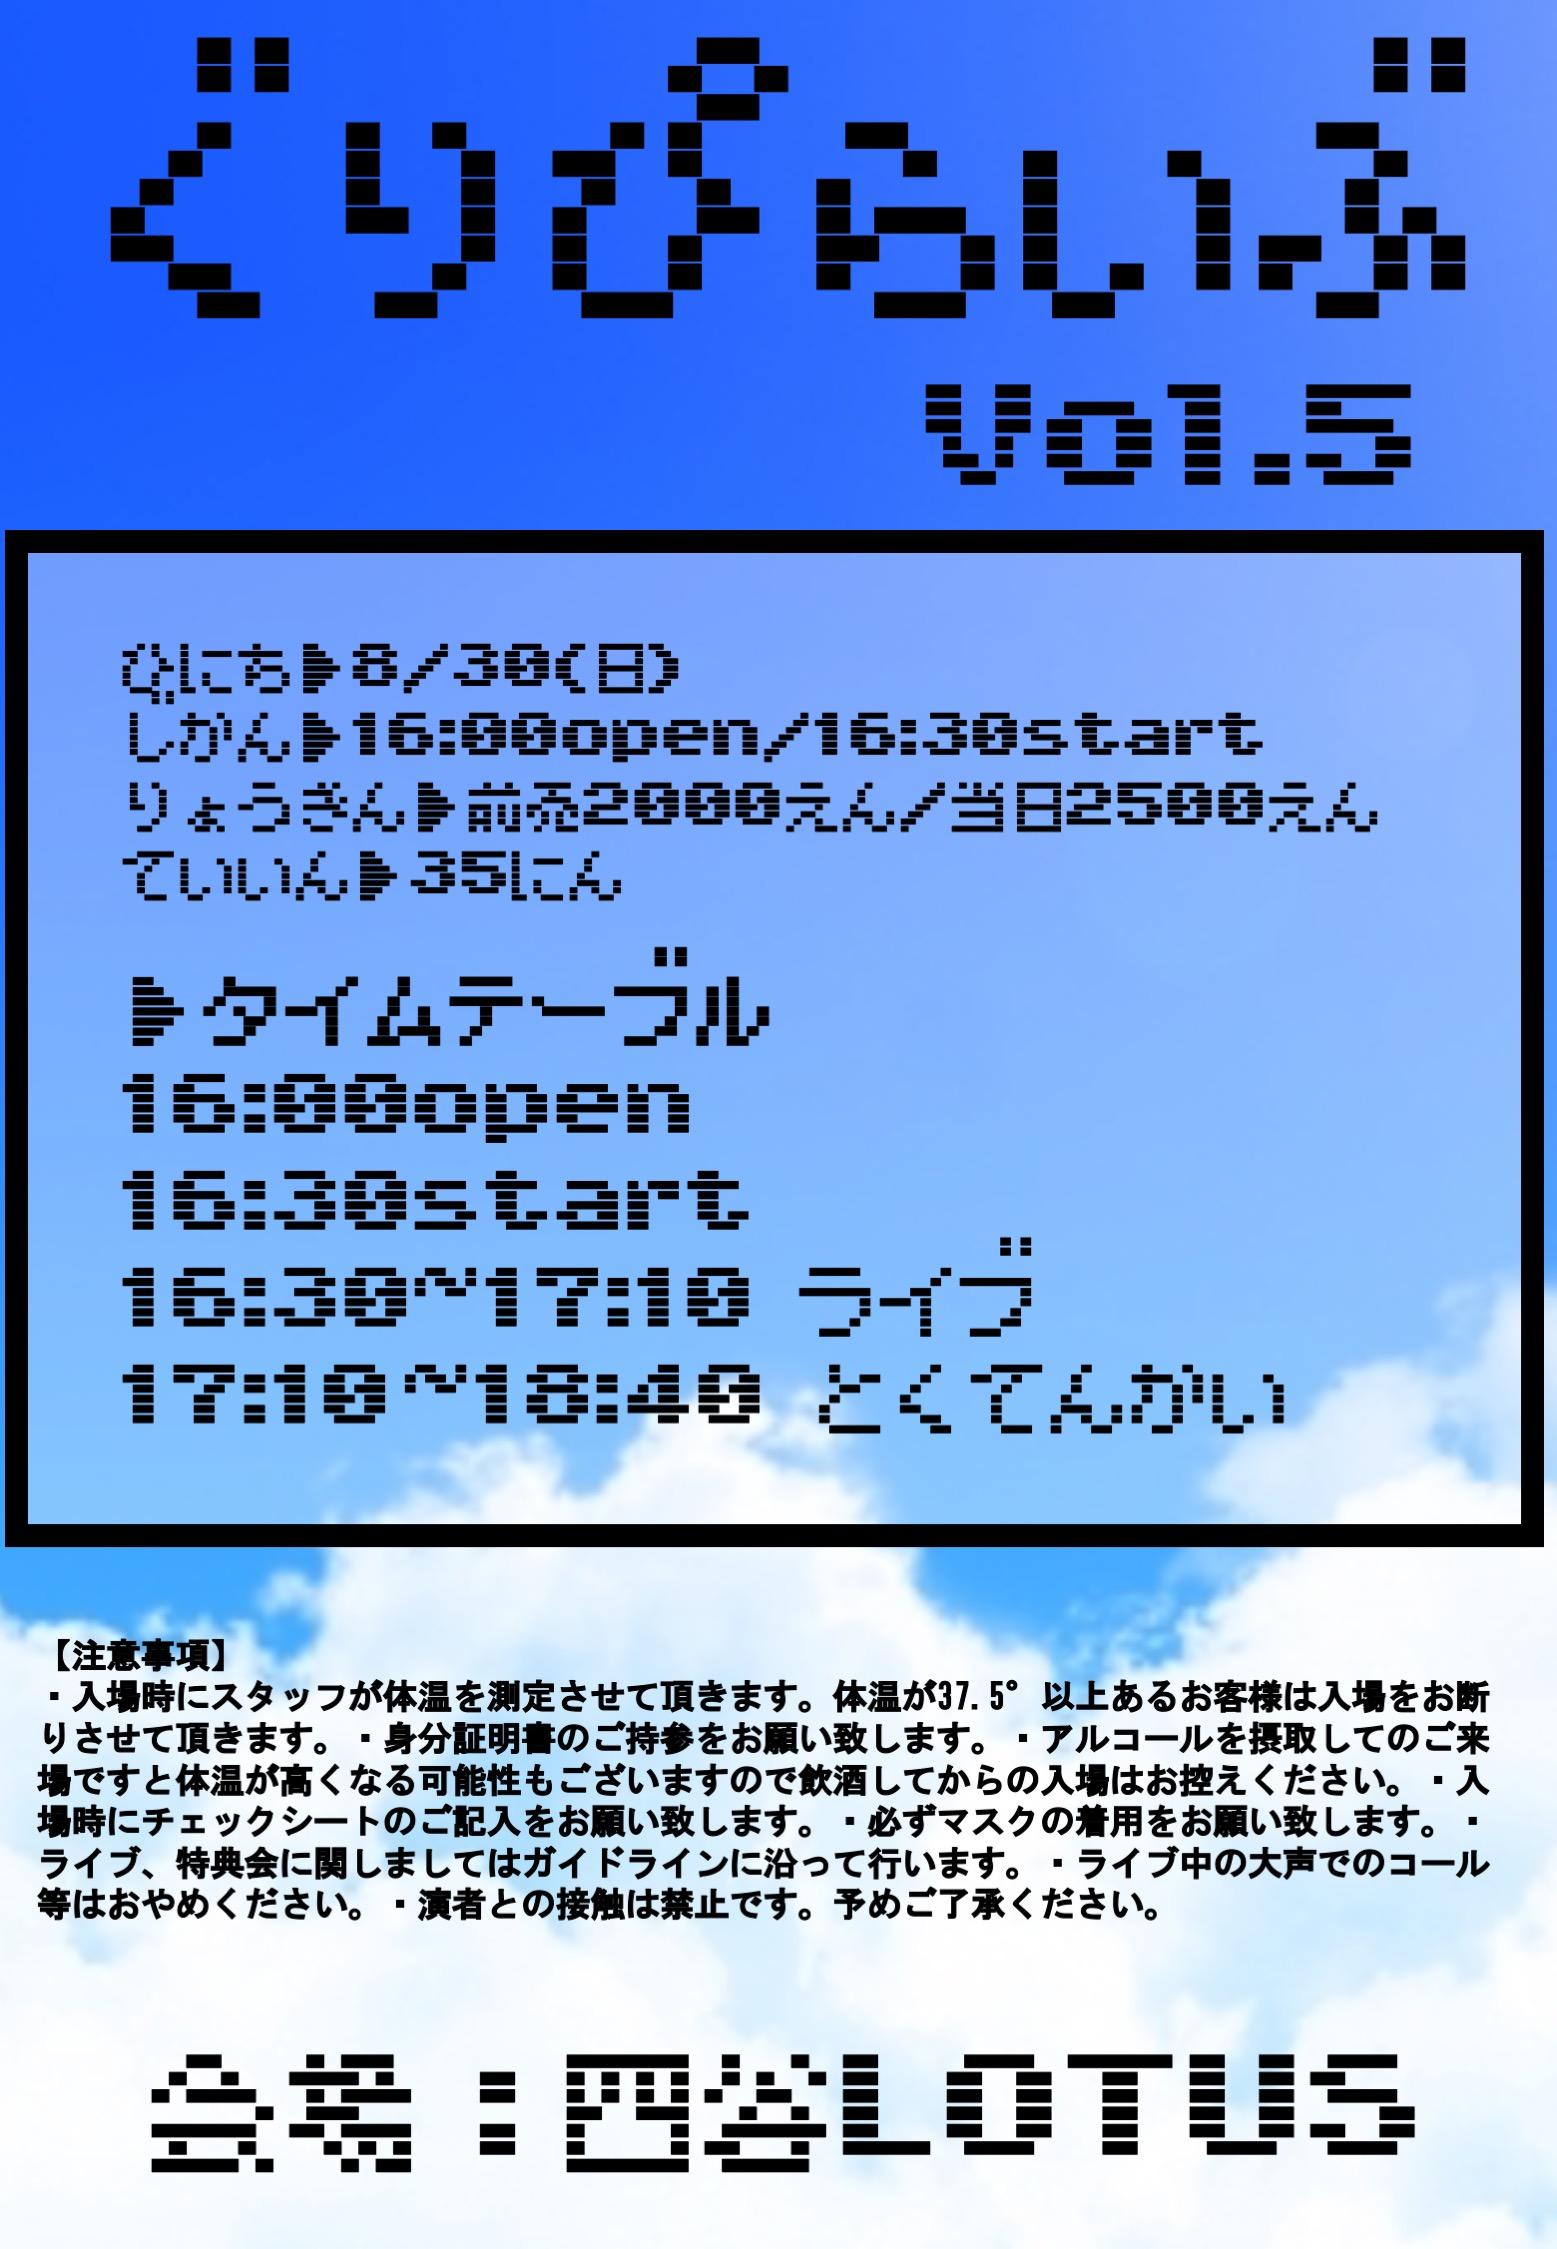 ぐりぴらいぶ Vol.5